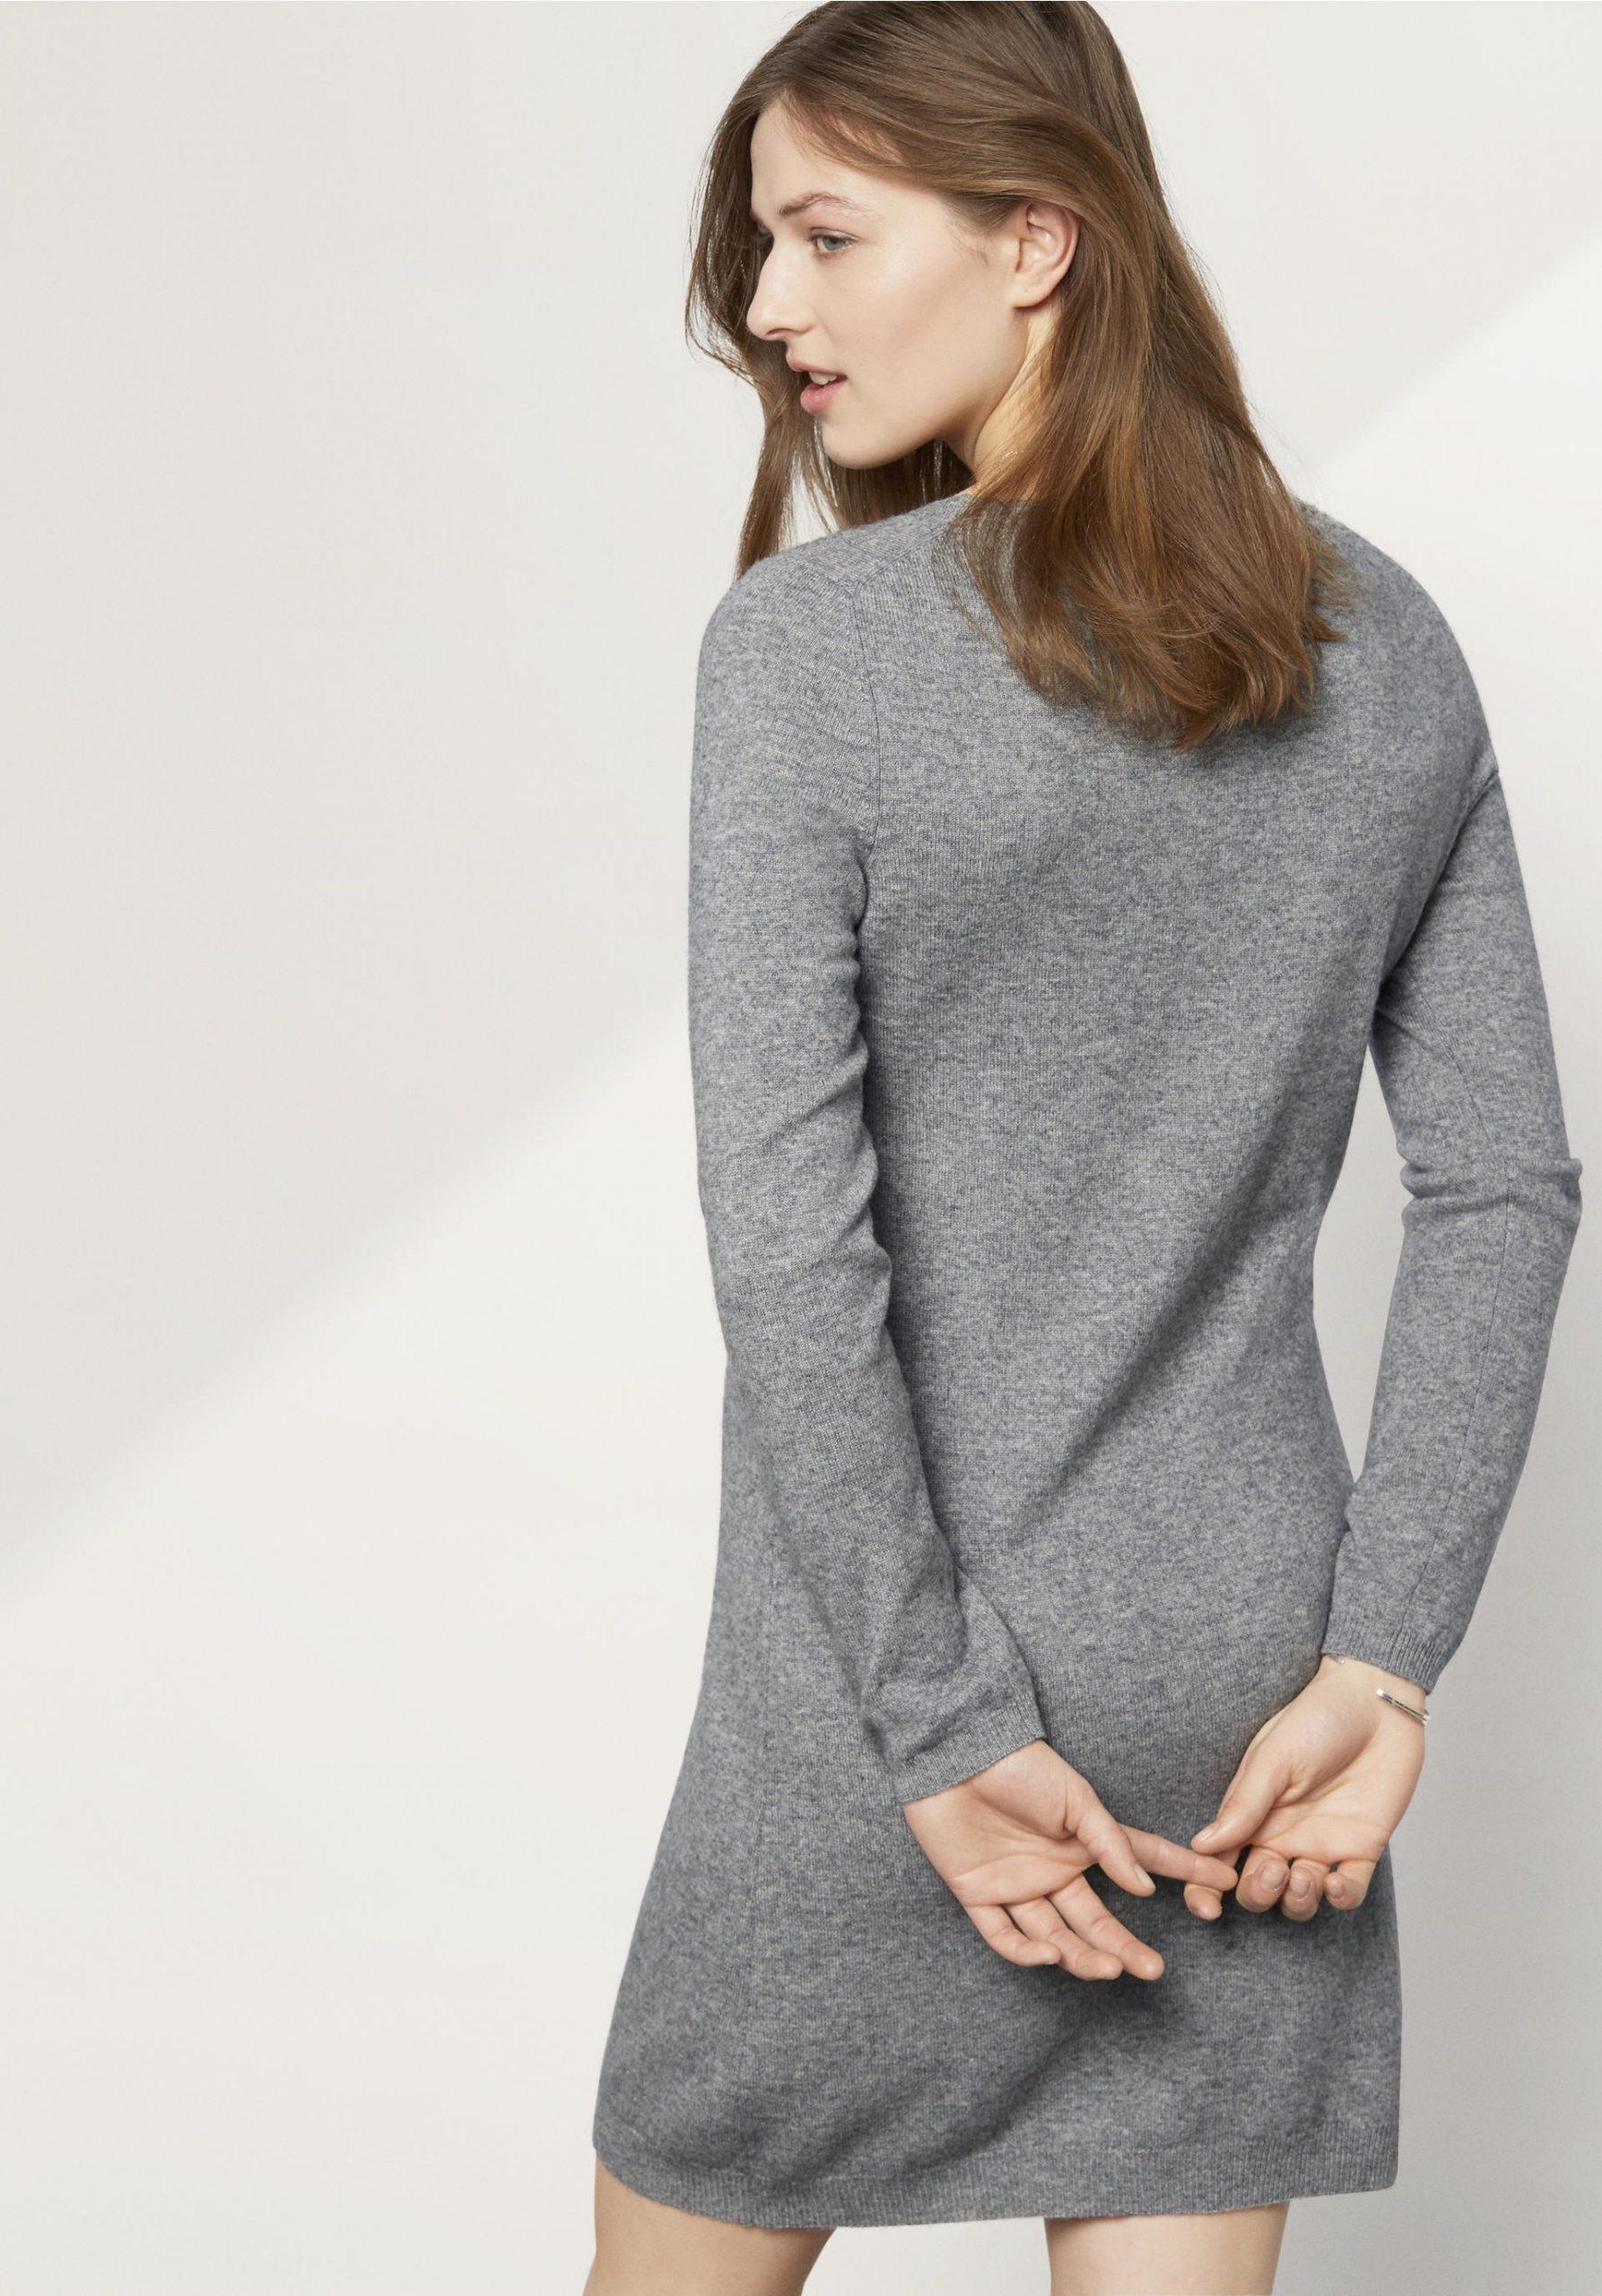 10 Wunderbar Kleider Für Frauen Über 40 Stylish Einzigartig Kleider Für Frauen Über 40 Bester Preis